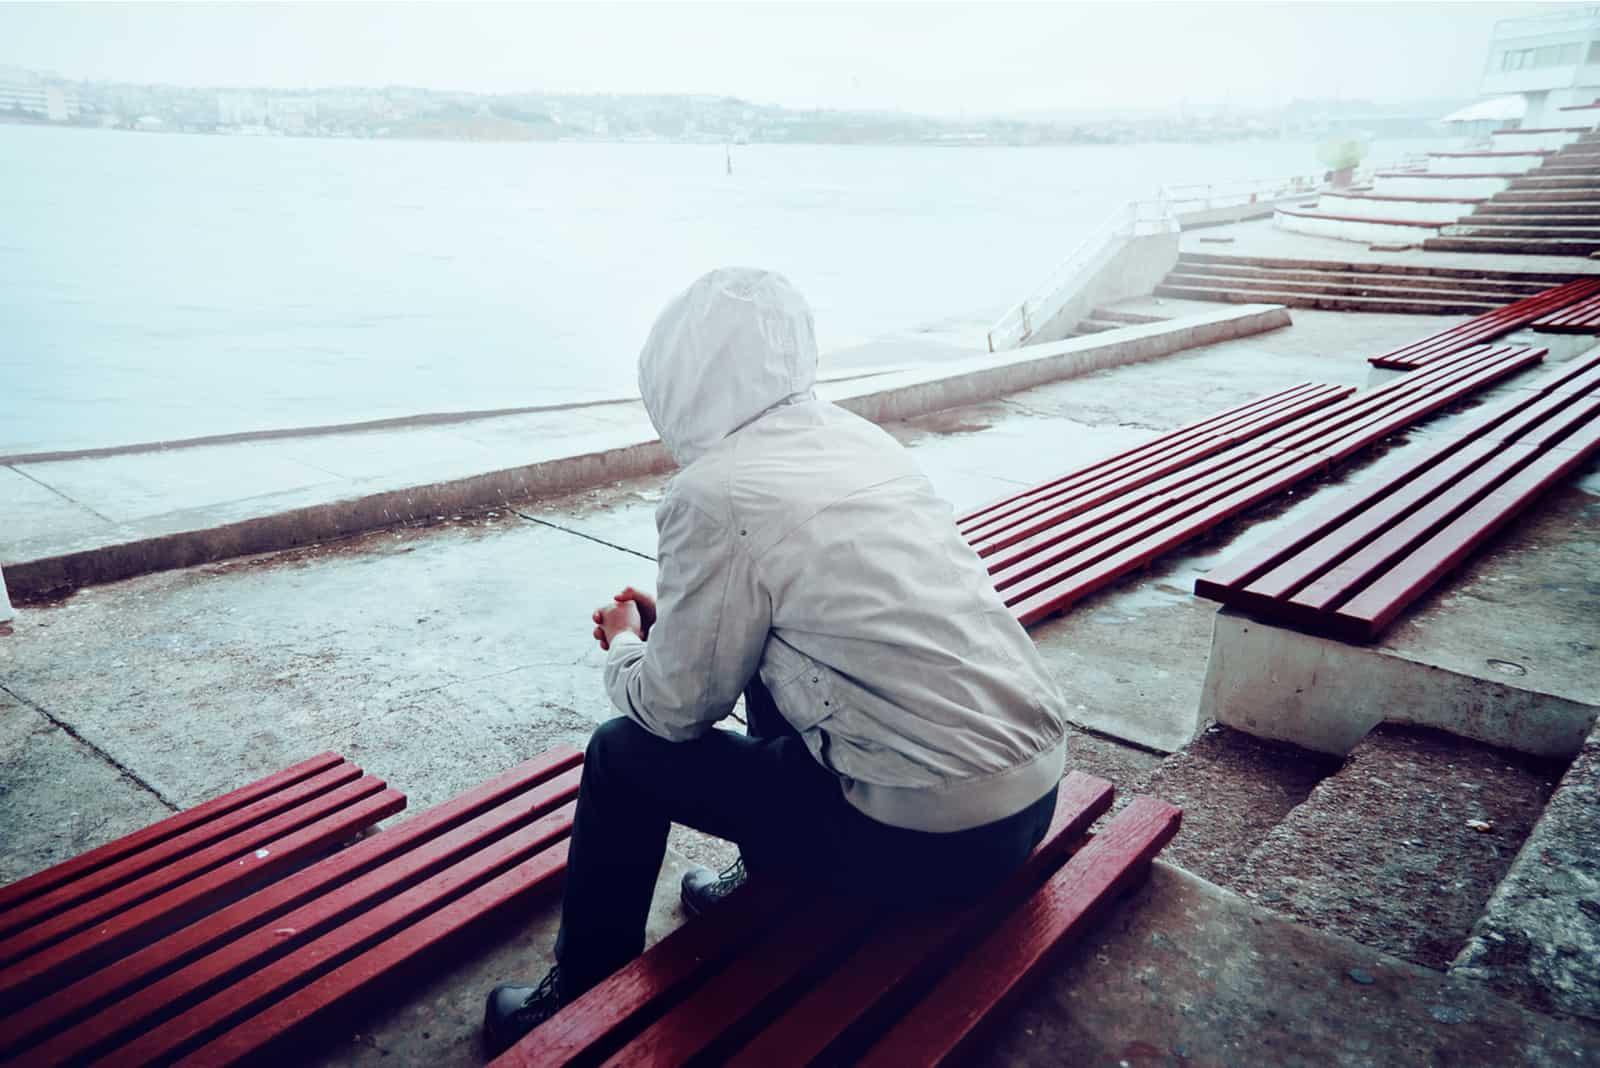 l'homme est assis sur un banc, le dos tourné